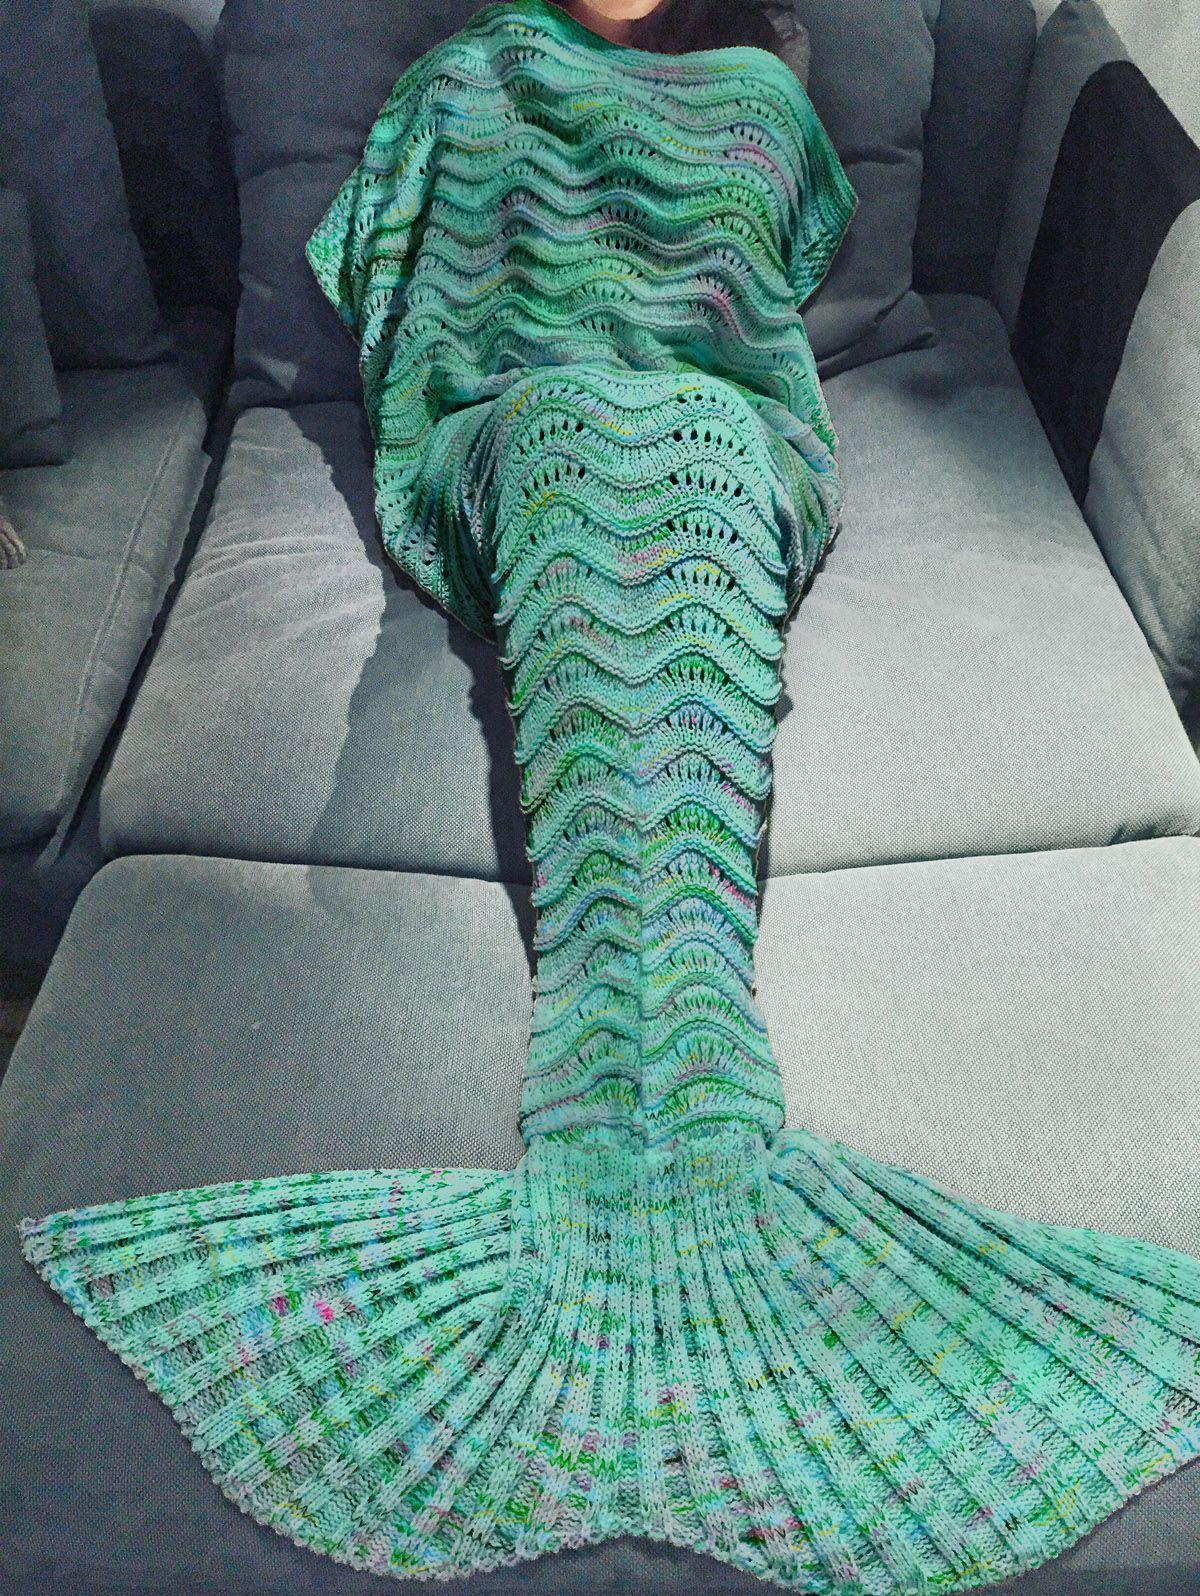 Handmade Knitted Mermaid Tail Design Blanket | Quiero, Sirenitas y ...